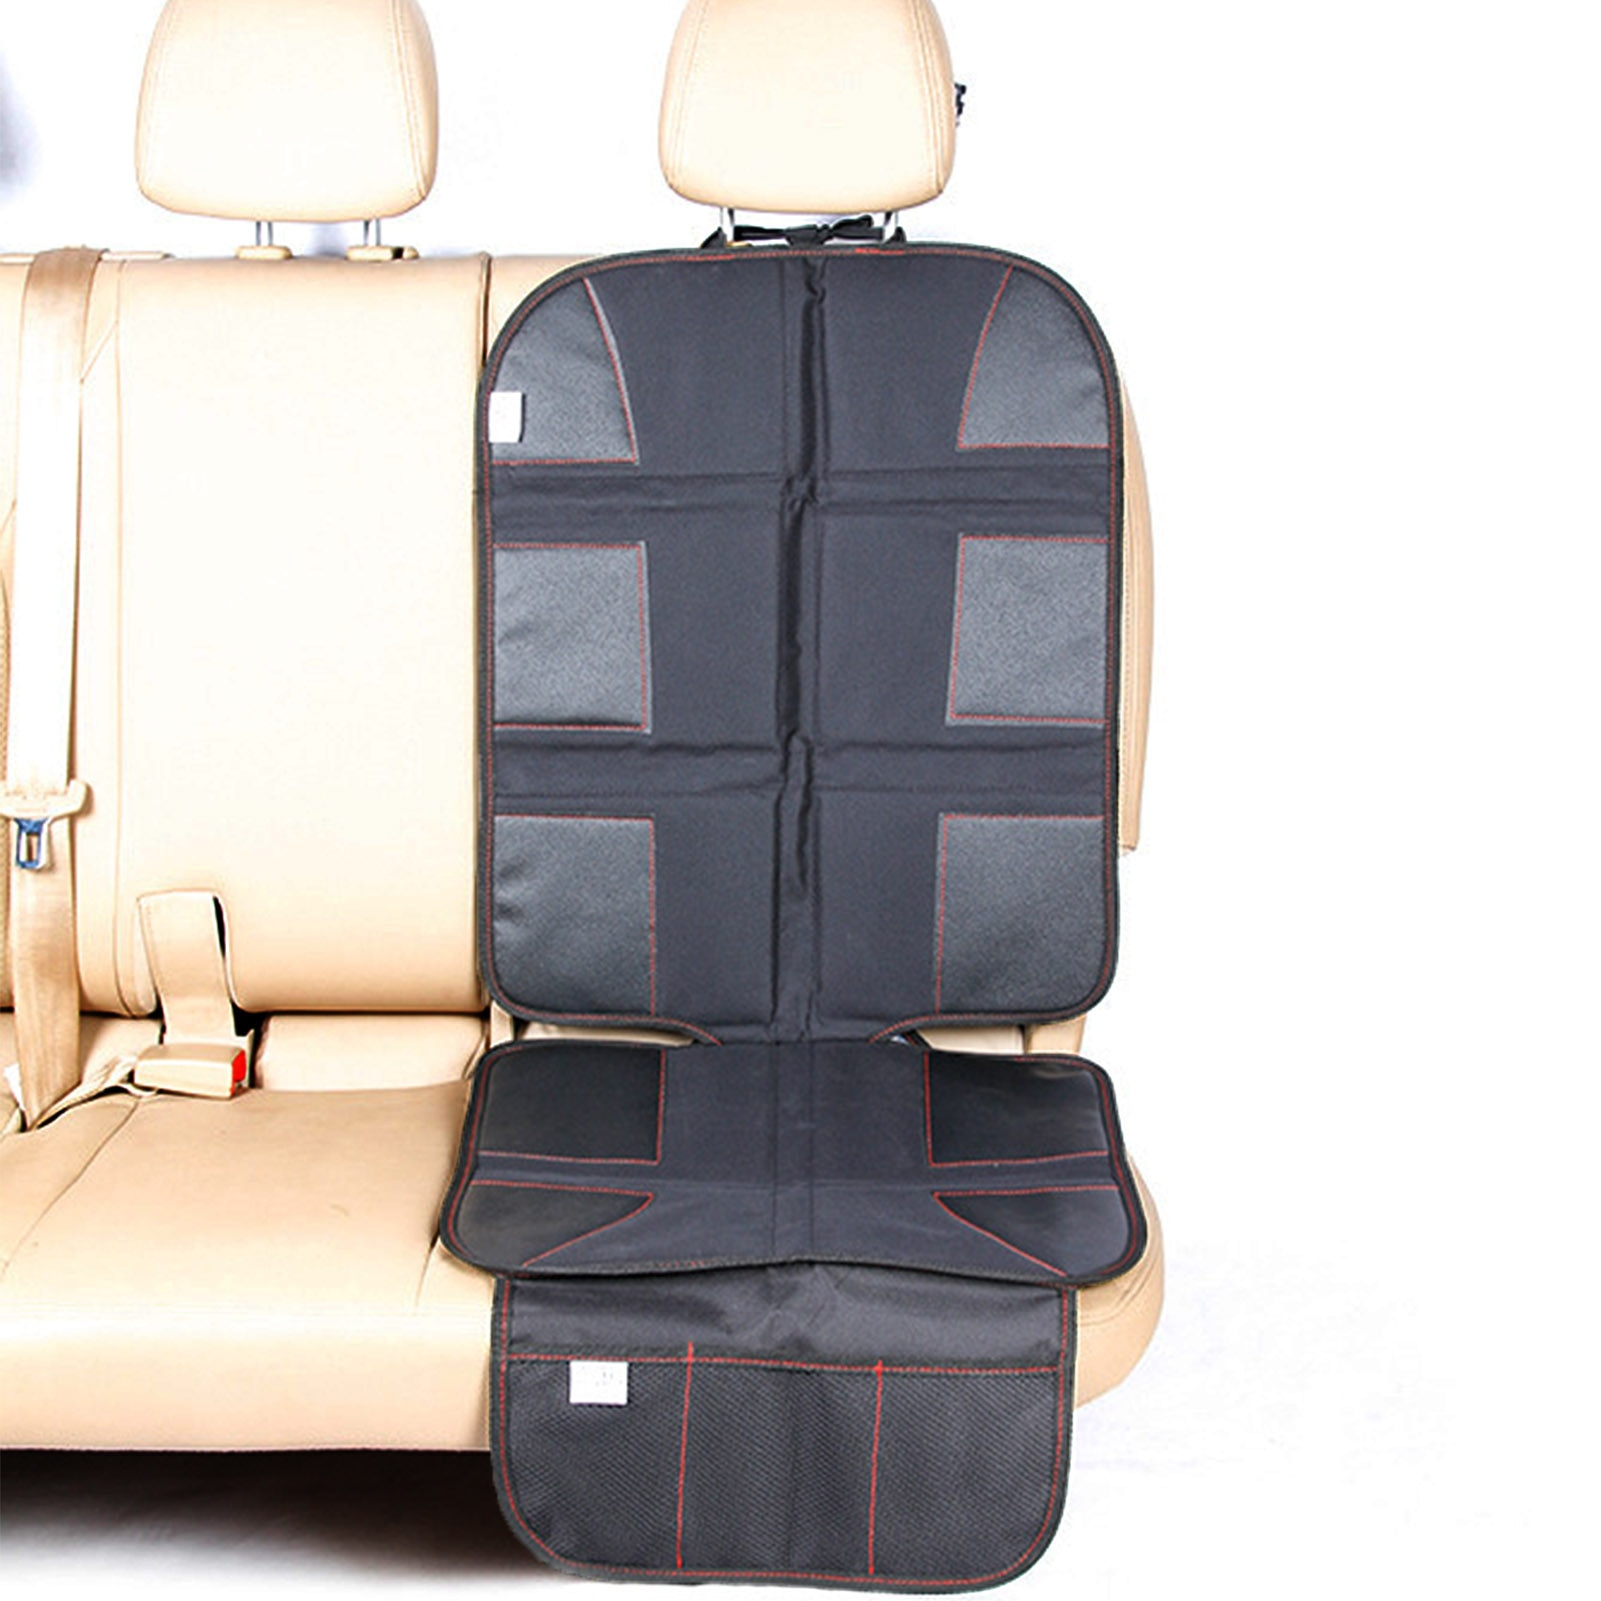 Протектор автомобильного сиденья, утолщенный Противоскользящий износостойкий защитный коврик для автомобильного сиденья, водонепроницае...